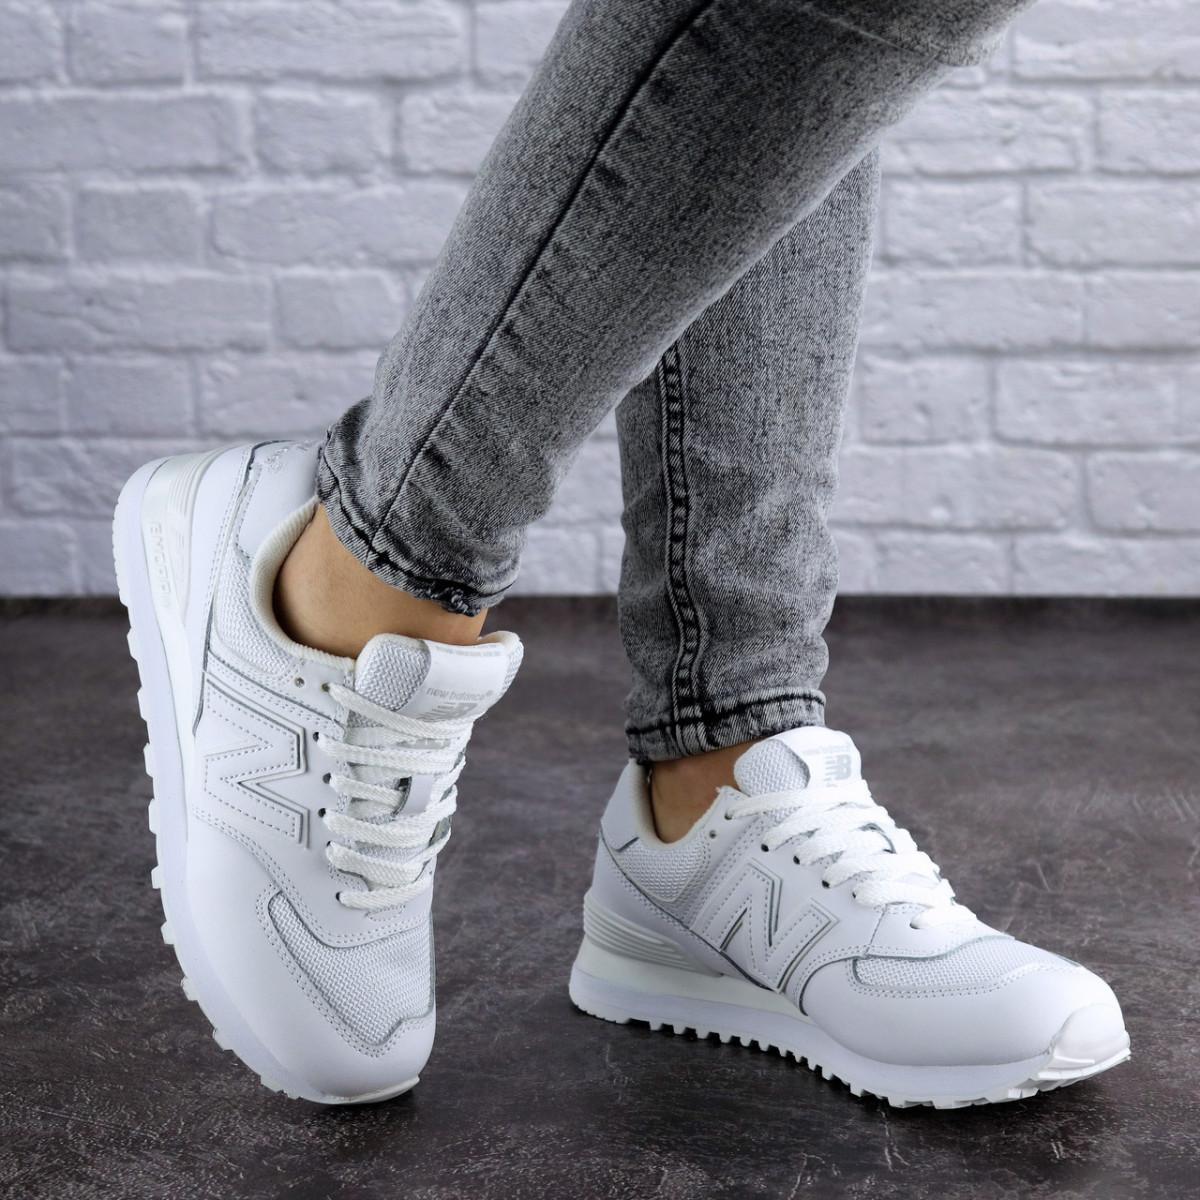 Женские кроссовки Fashion Nix 1991 38 размер 24 см Белый